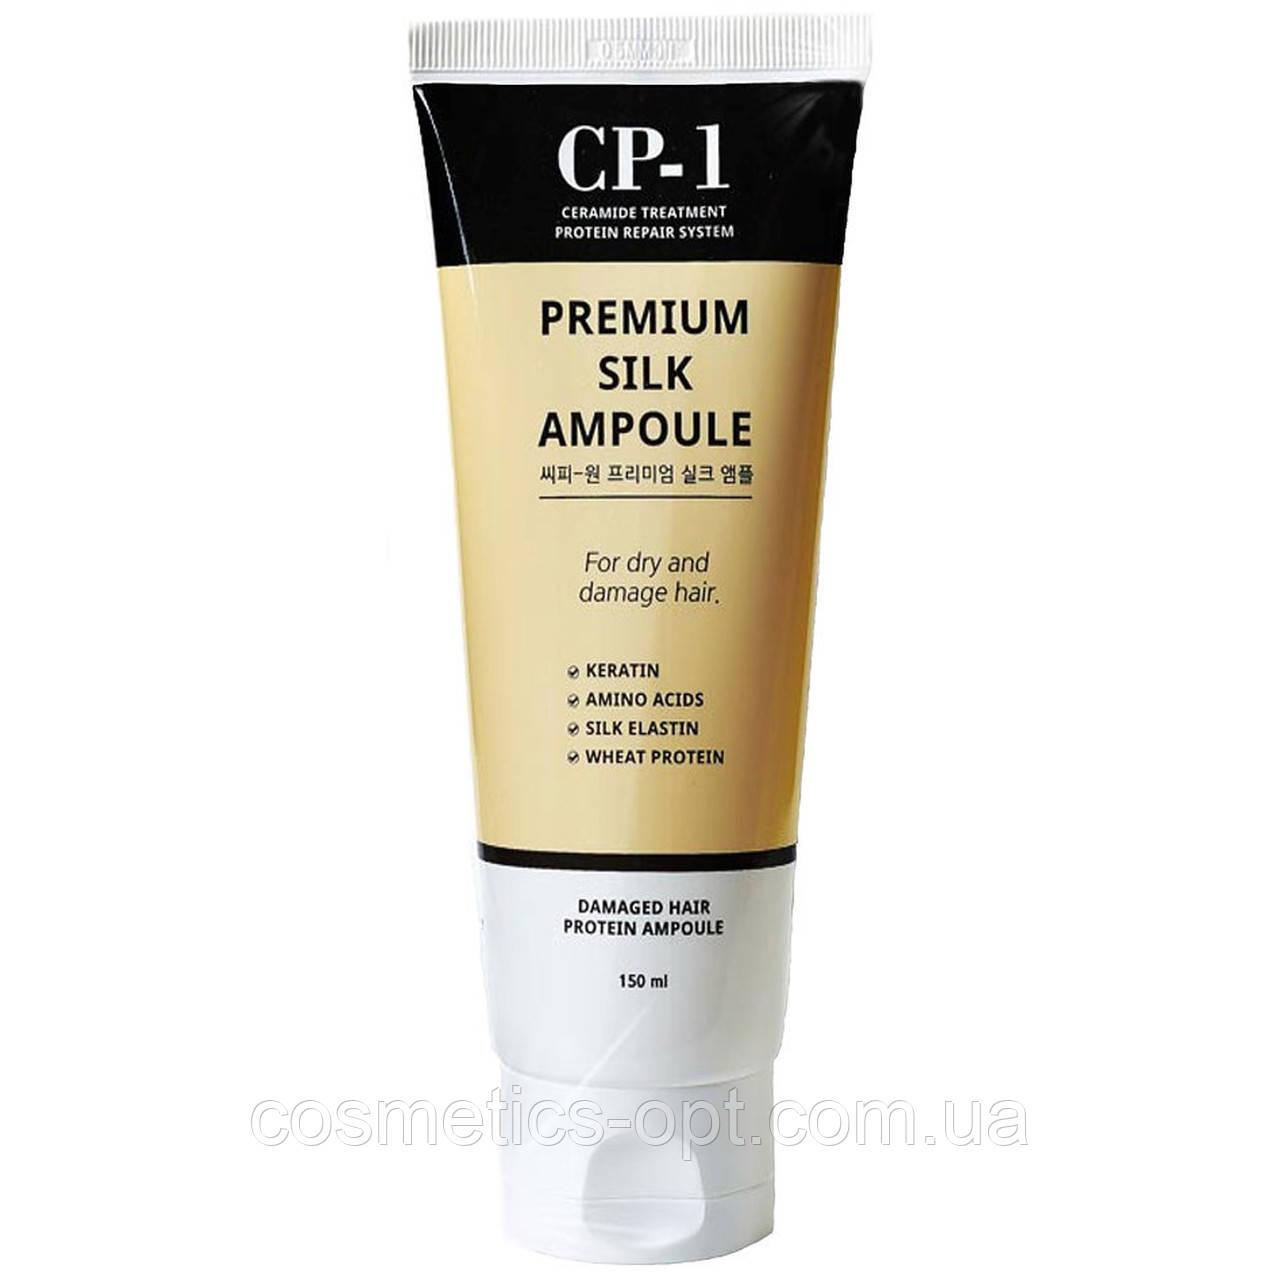 Несмываемая сыворотка для секущихся кончиков Esthetic House CP-1 Premium Silk Ampoule, 150 мл